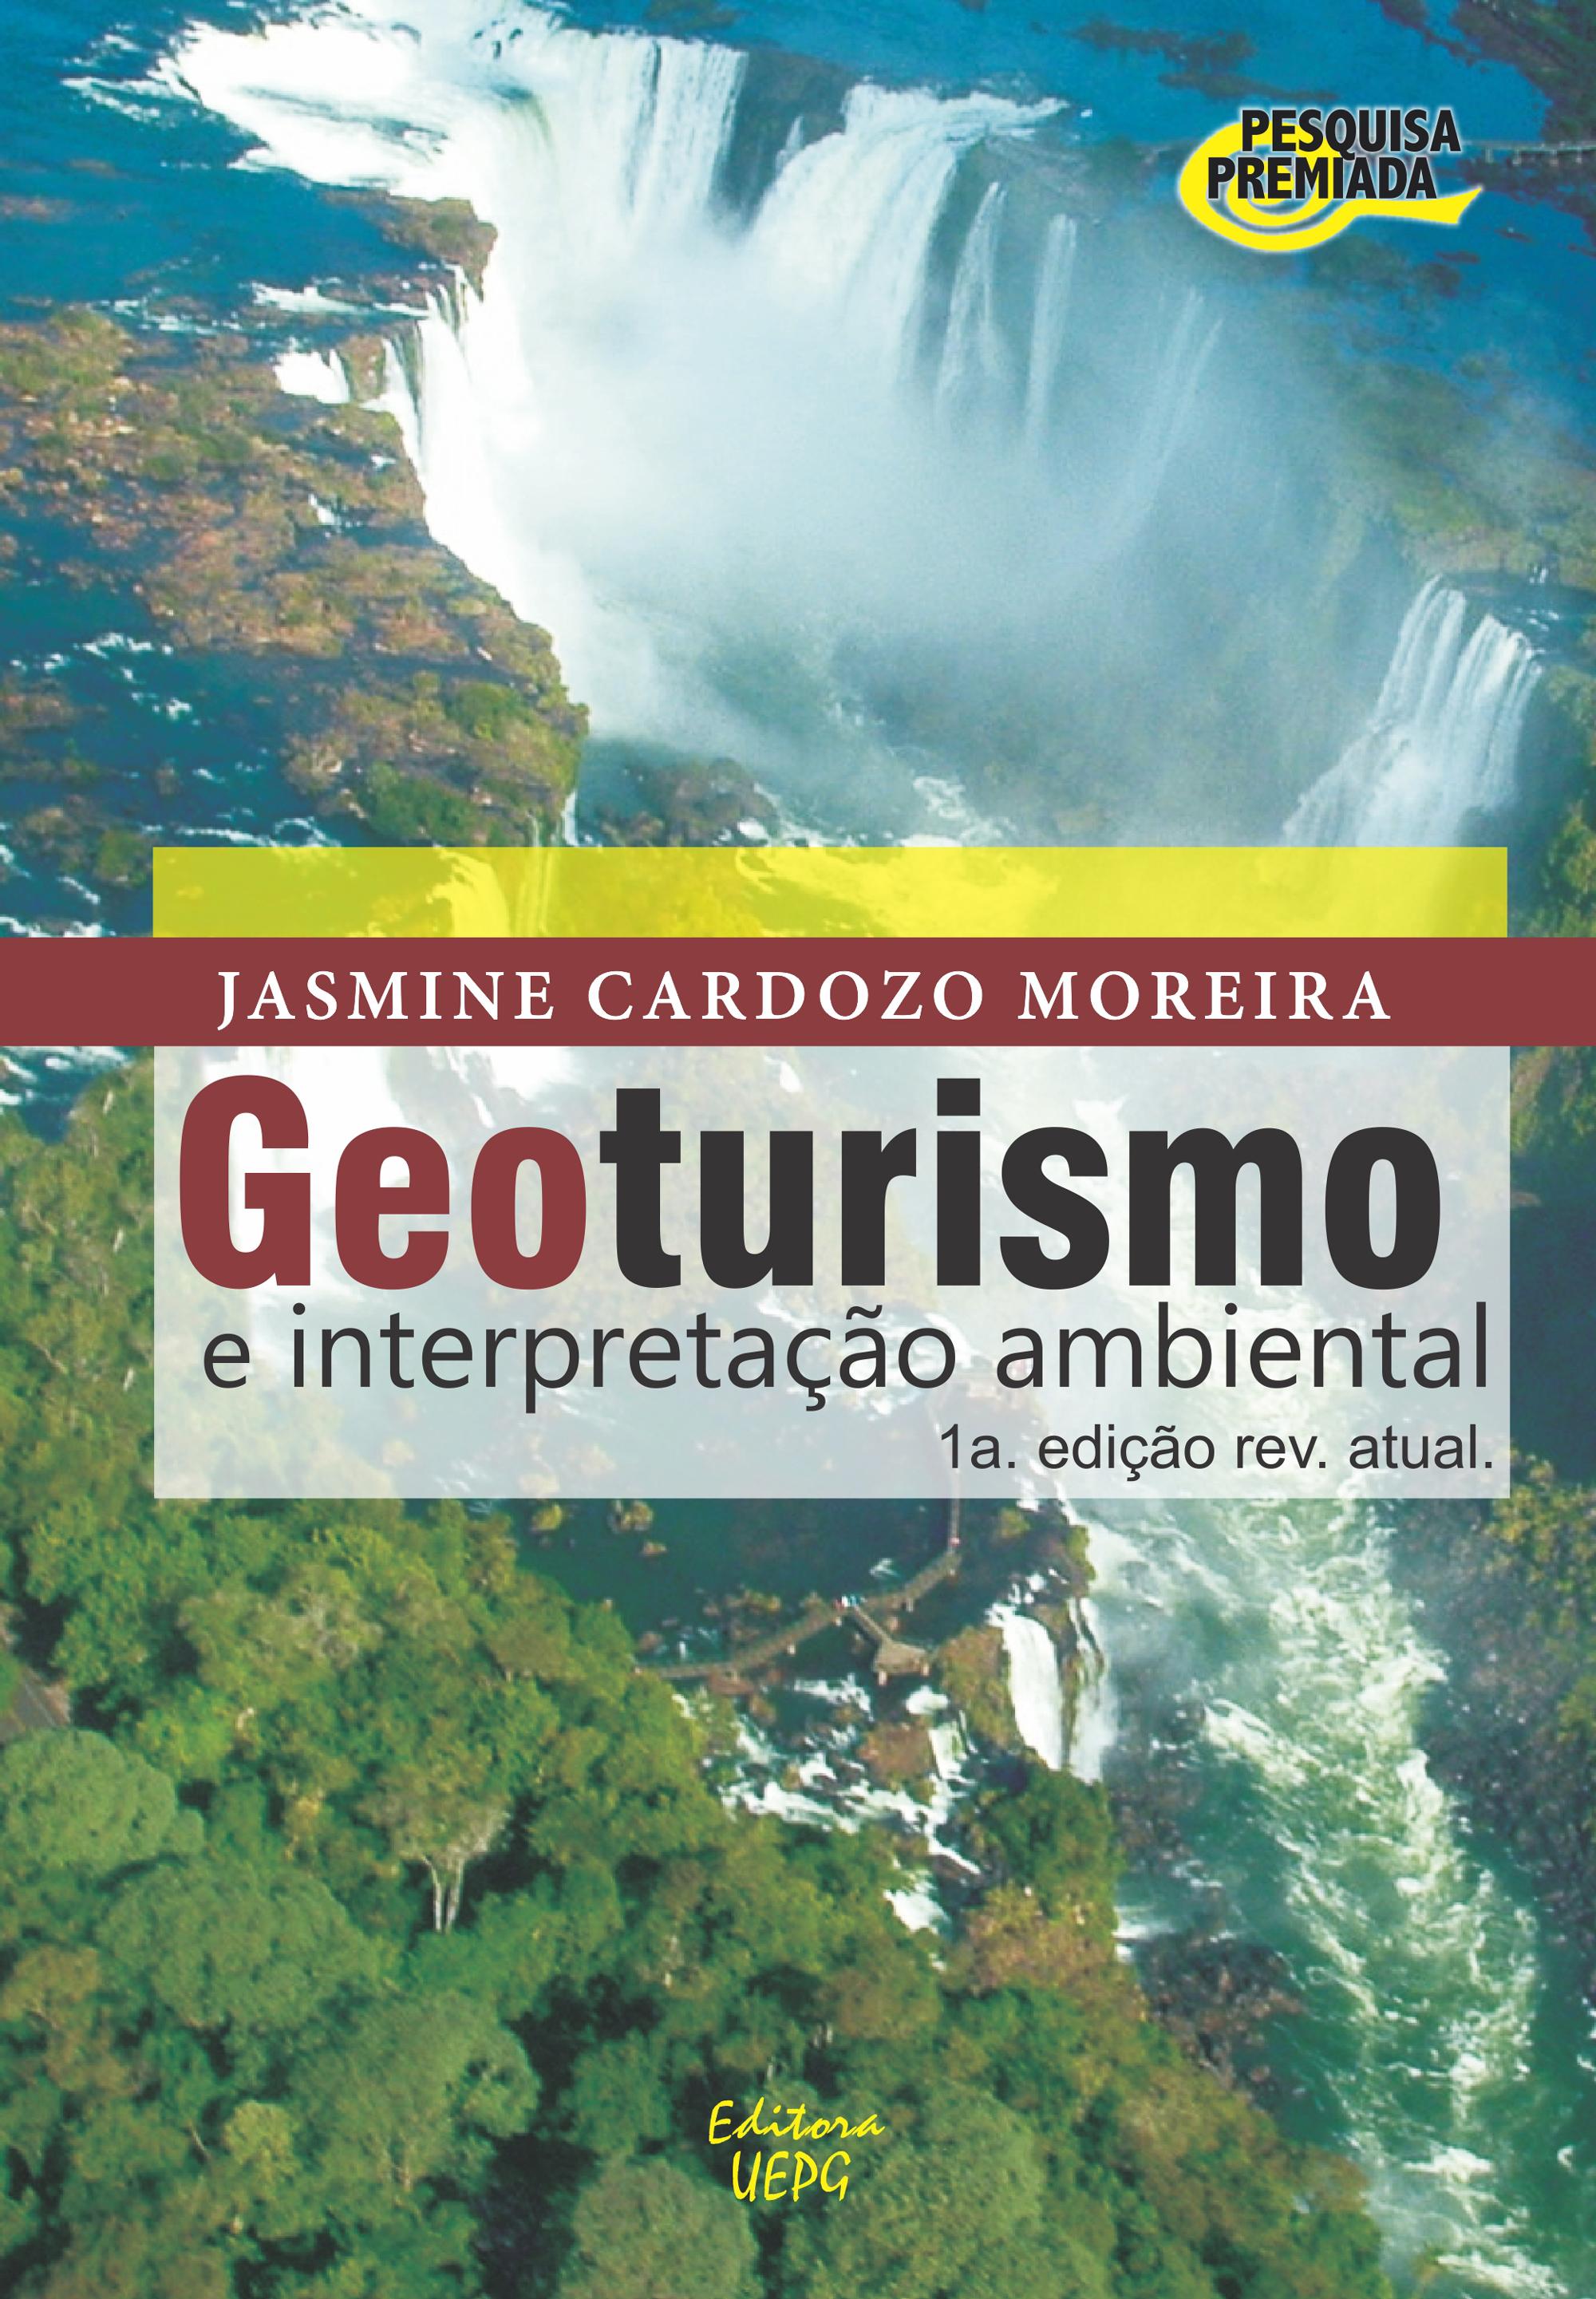 GEOTURISMO E INTERPRETAÇÃO AMBIENTAL - 1. ed. rev. atual., livro de Jasmine Cardozo Moreira